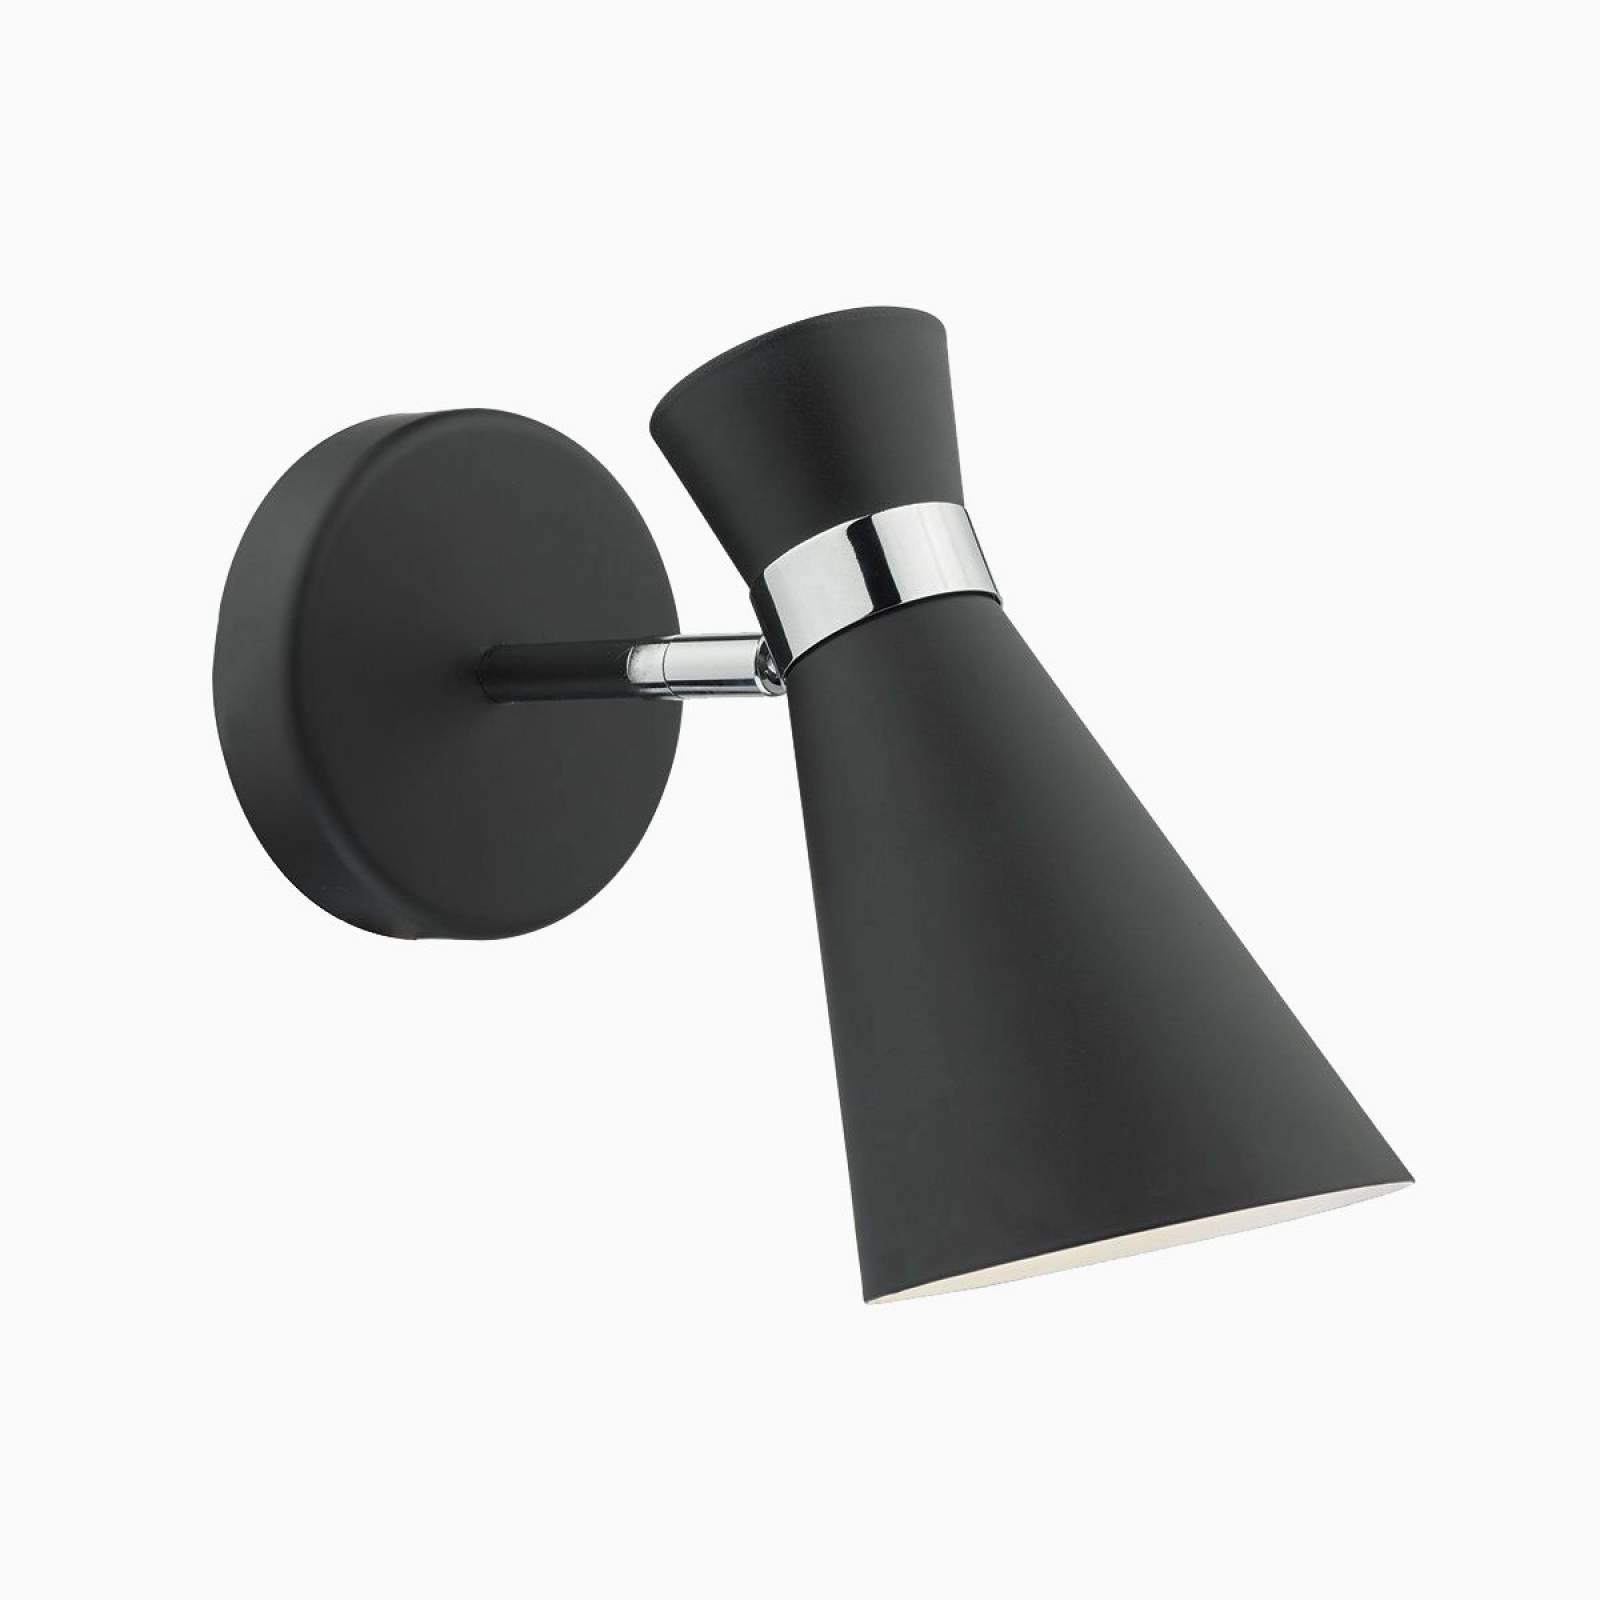 Modernista Black Wall Light